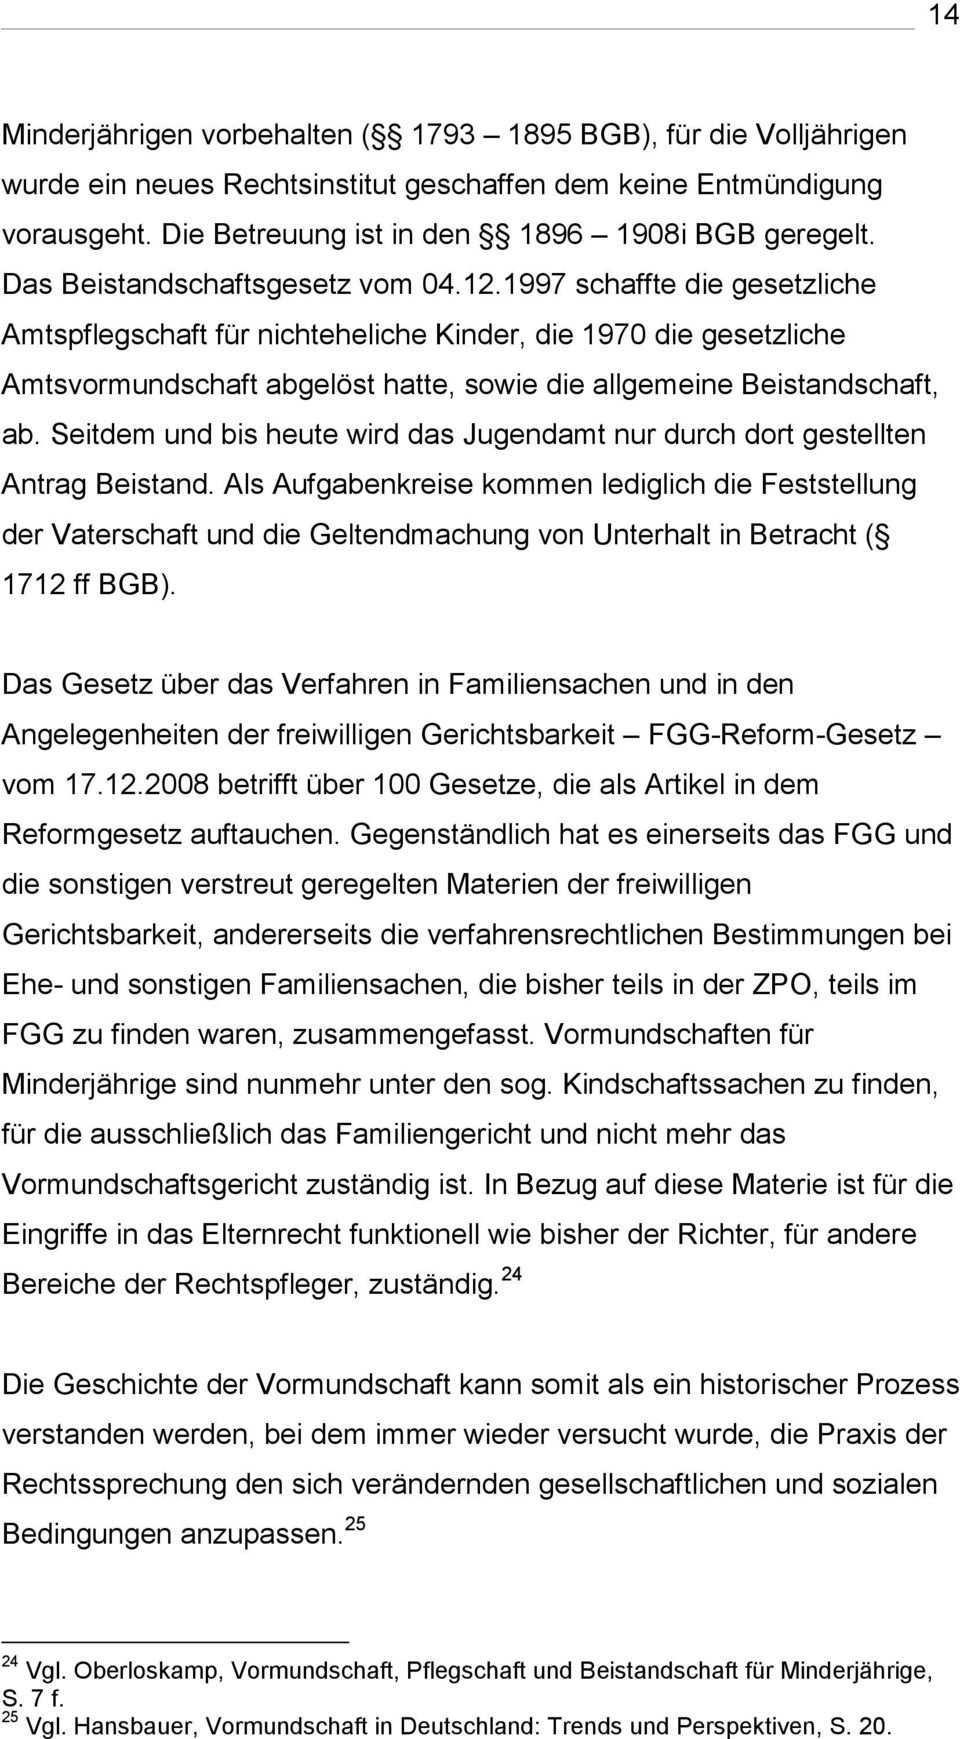 Das Vormundschaftsrecht Im Wandel Der Zeit Die Rechtliche Entwicklung Der Amtsvormundschaft Bachelorarbeit Pdf Kostenfreier Download